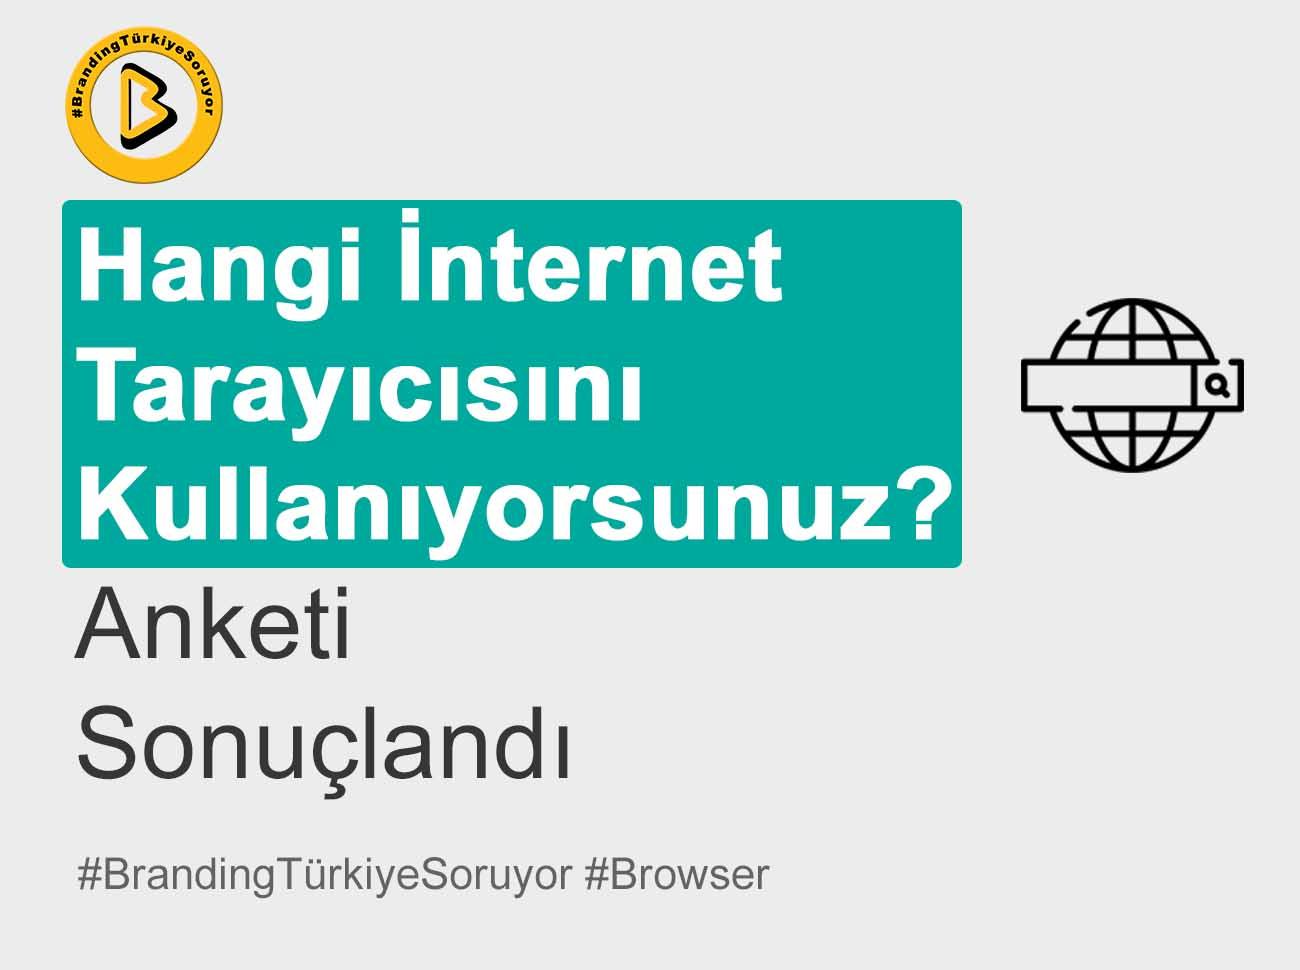 Hangi İnternet Tarayıcısını Kullanıyorsunuz Anketi Sonuçlandı